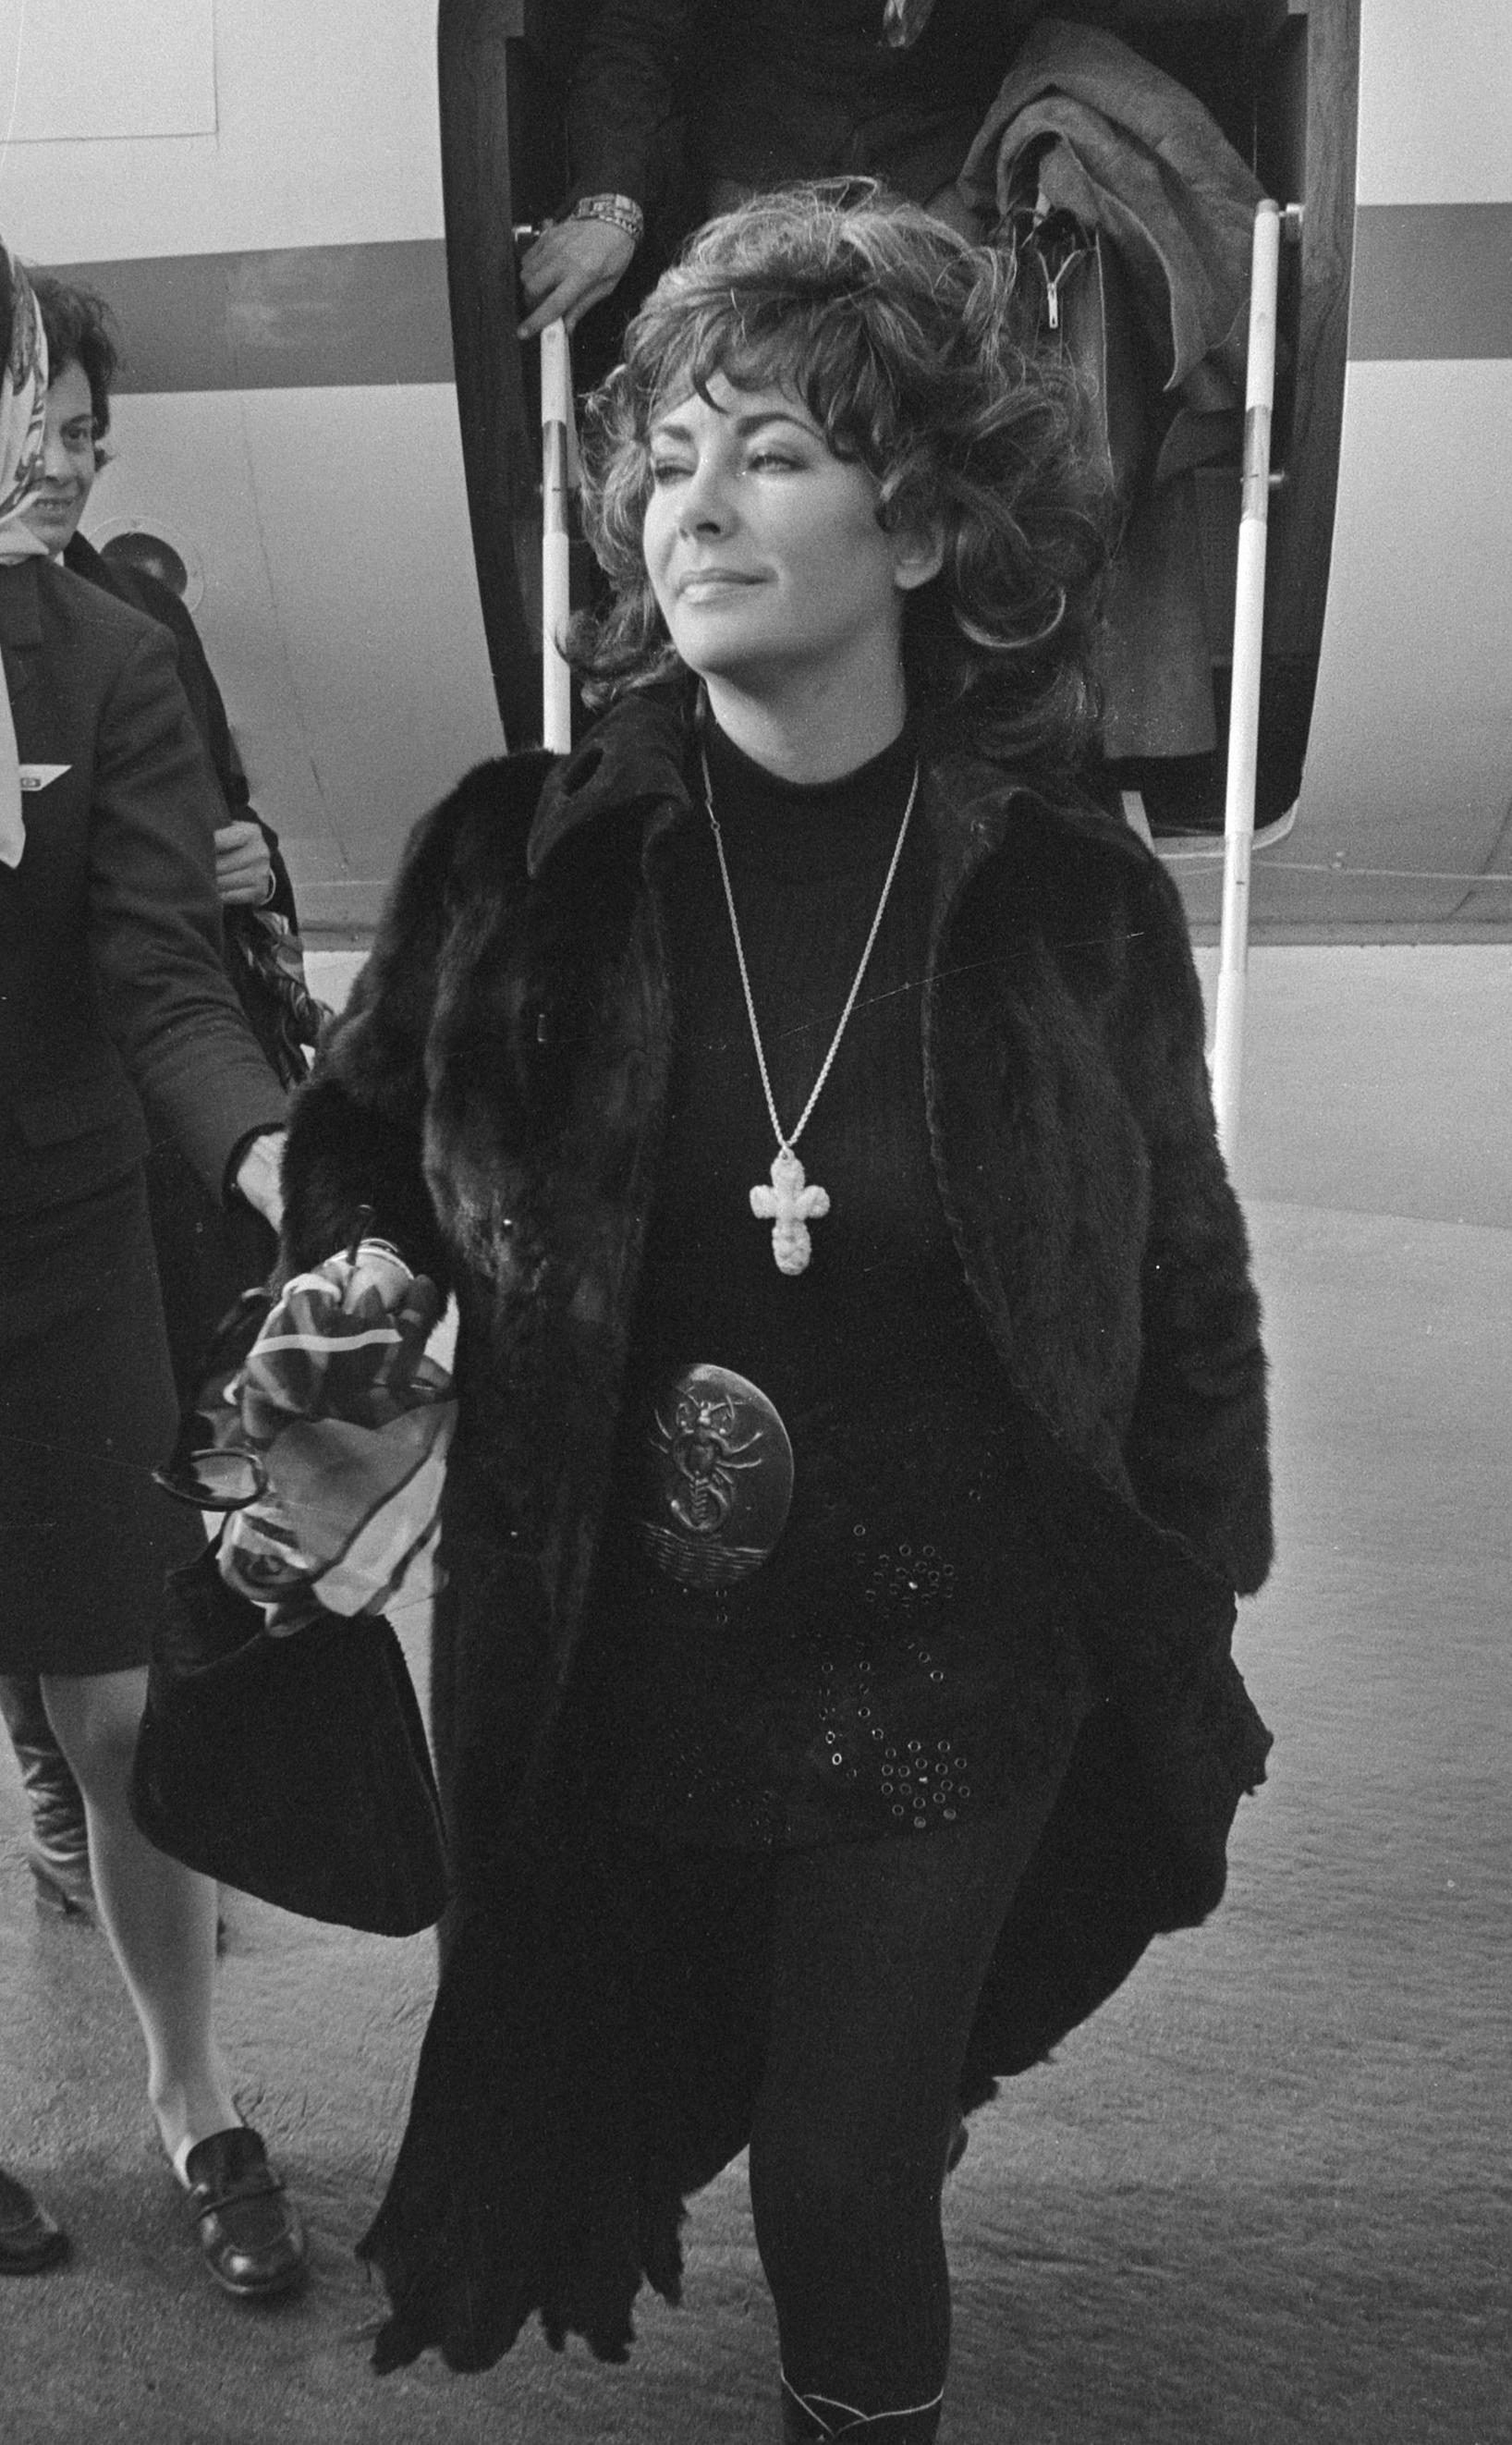 Elizabeth Taylor photo #113932, Elizabeth Taylor image